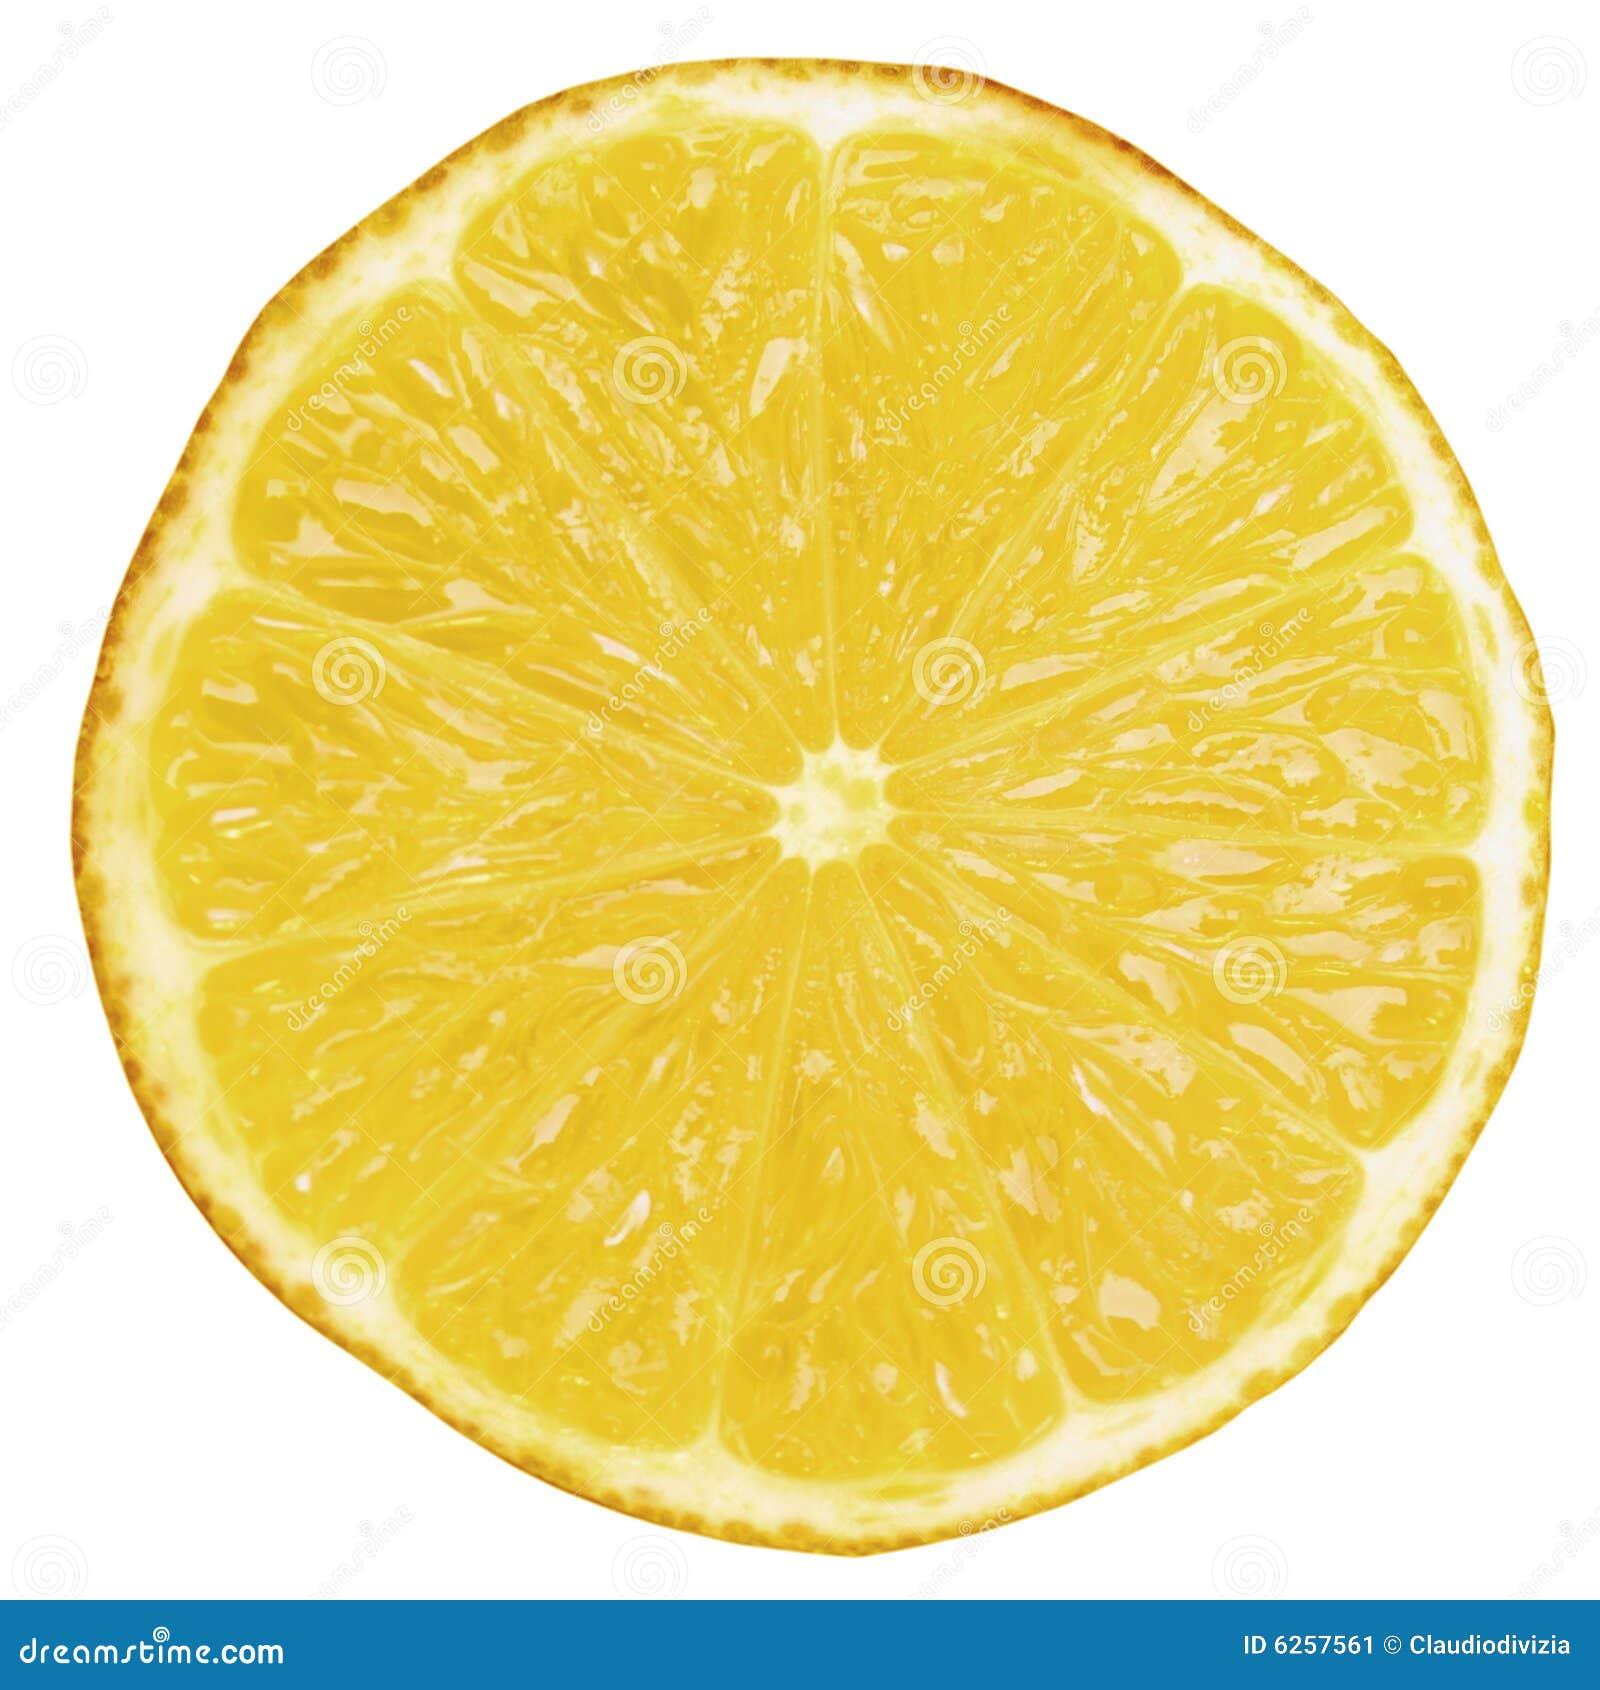 Lemon slice stock image image 6257561